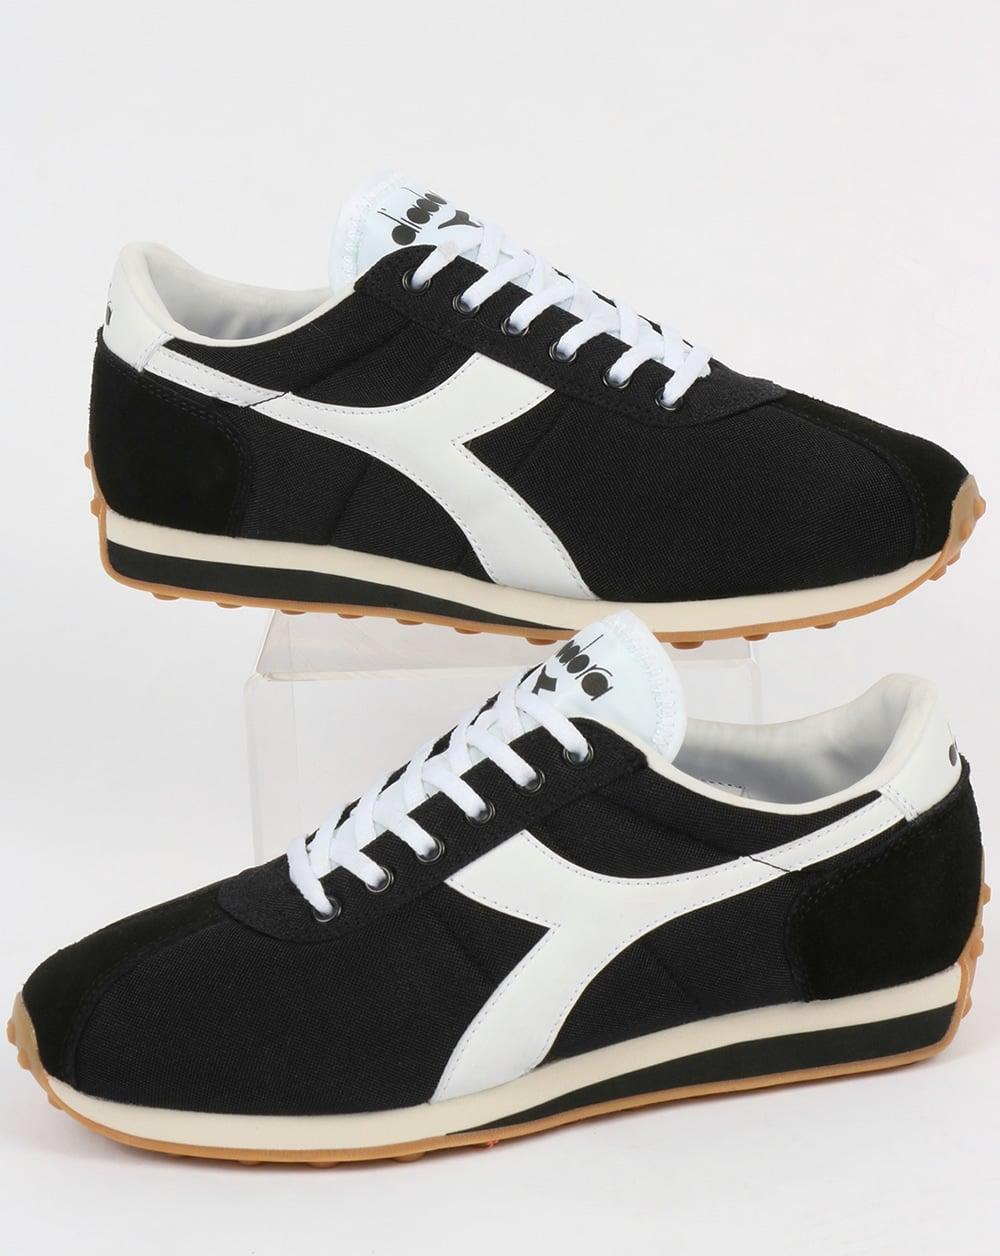 Diadora Sirio Trainers Black/White